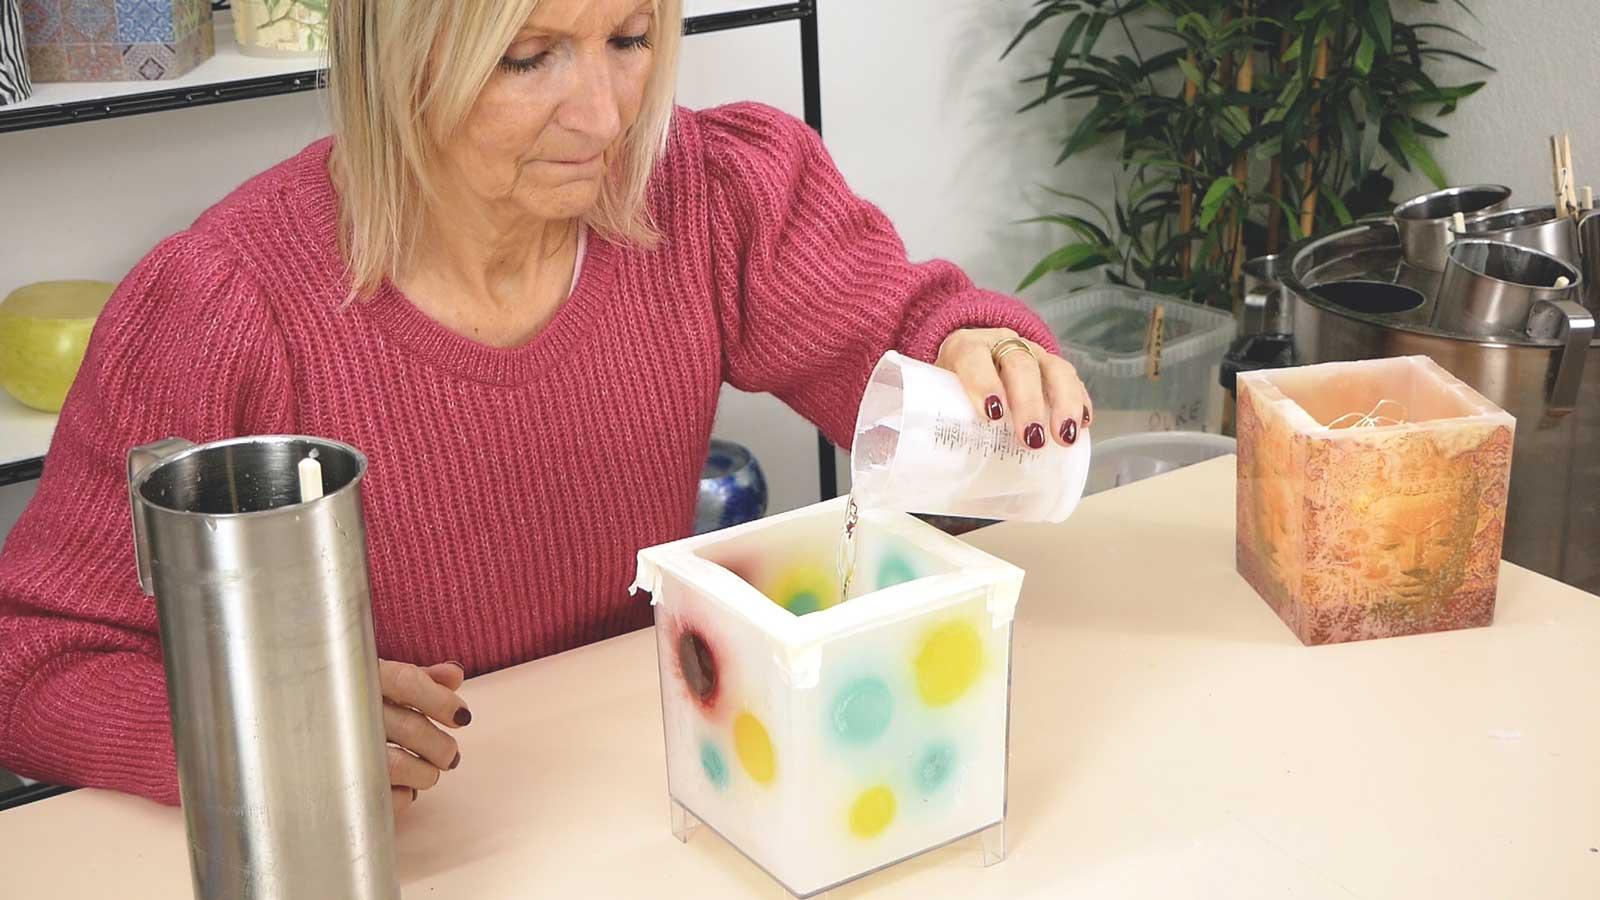 Photophore mosaique avec inclusions de formes en cire